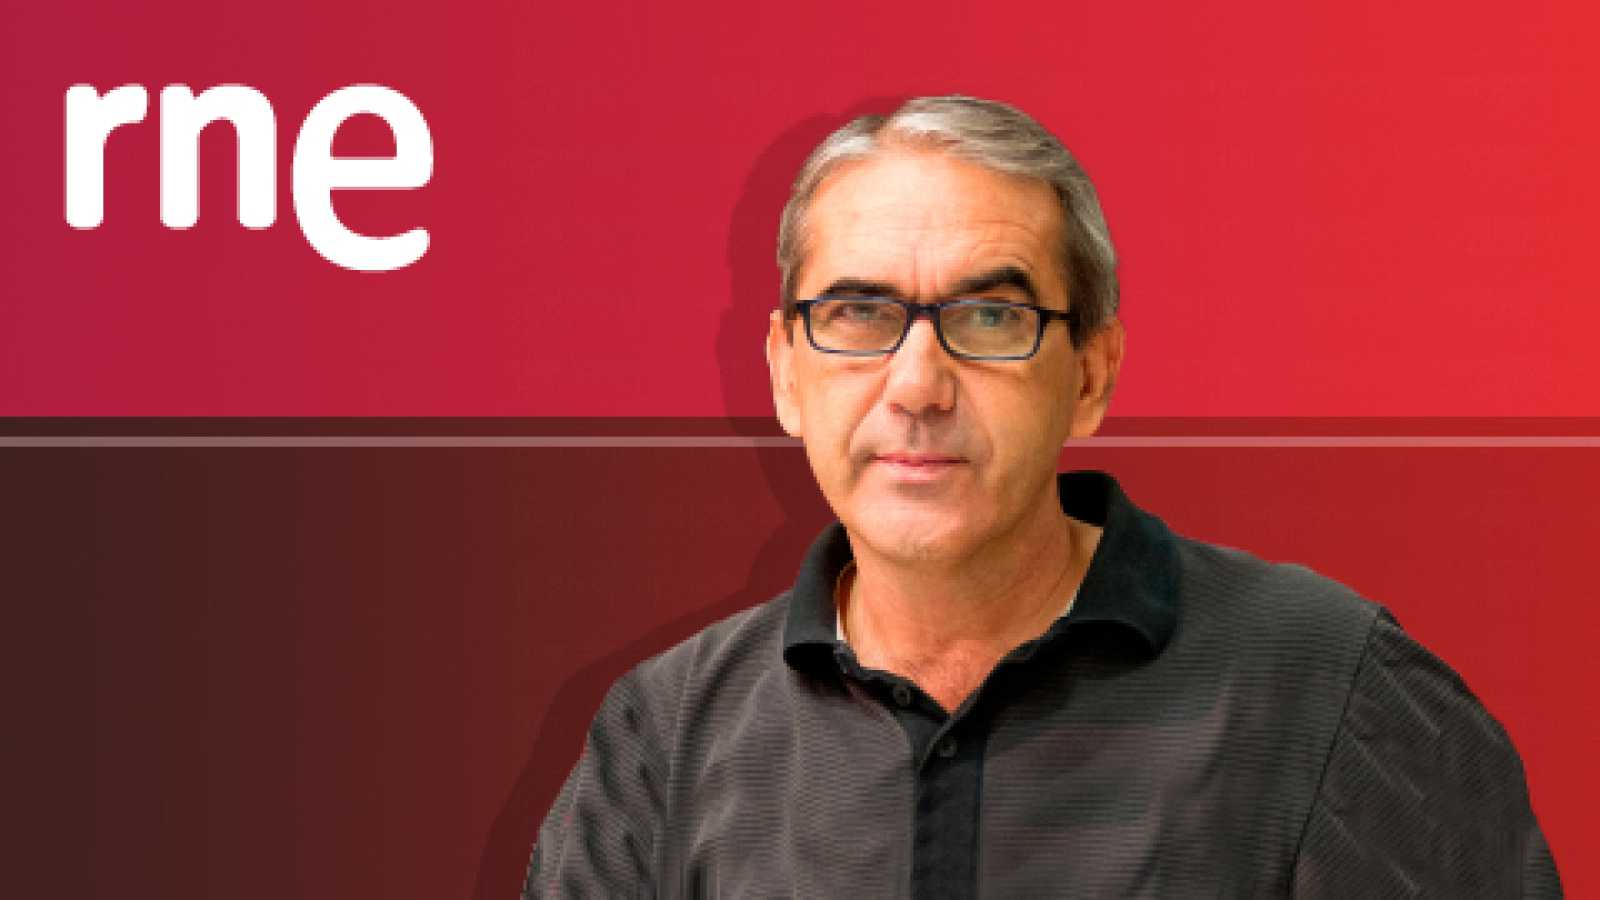 Historias de papel - 04/10/20 - Sara Mesa, Guille Galván, Ítalo Calvino